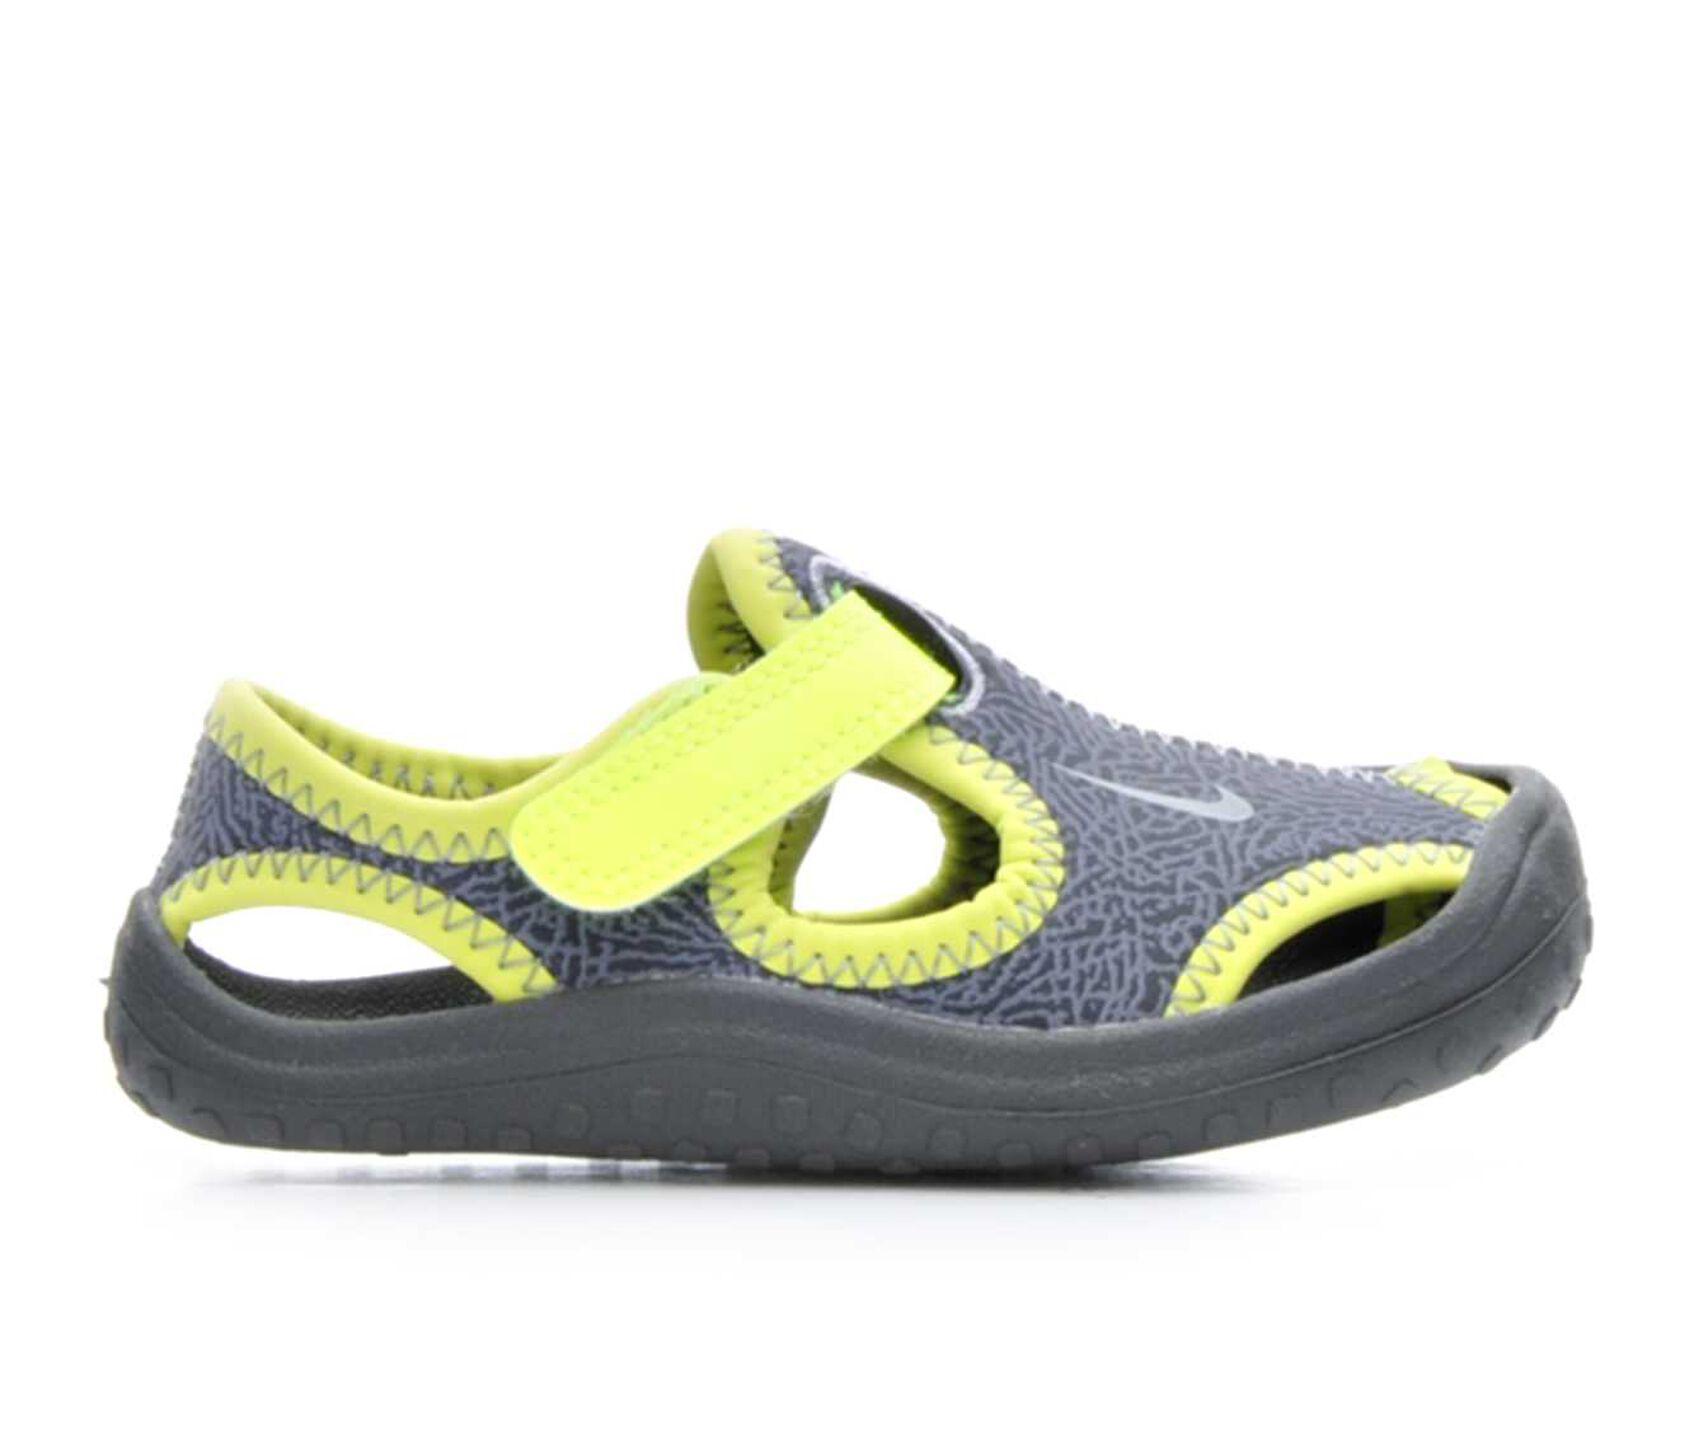 Nike Sunray Shoes